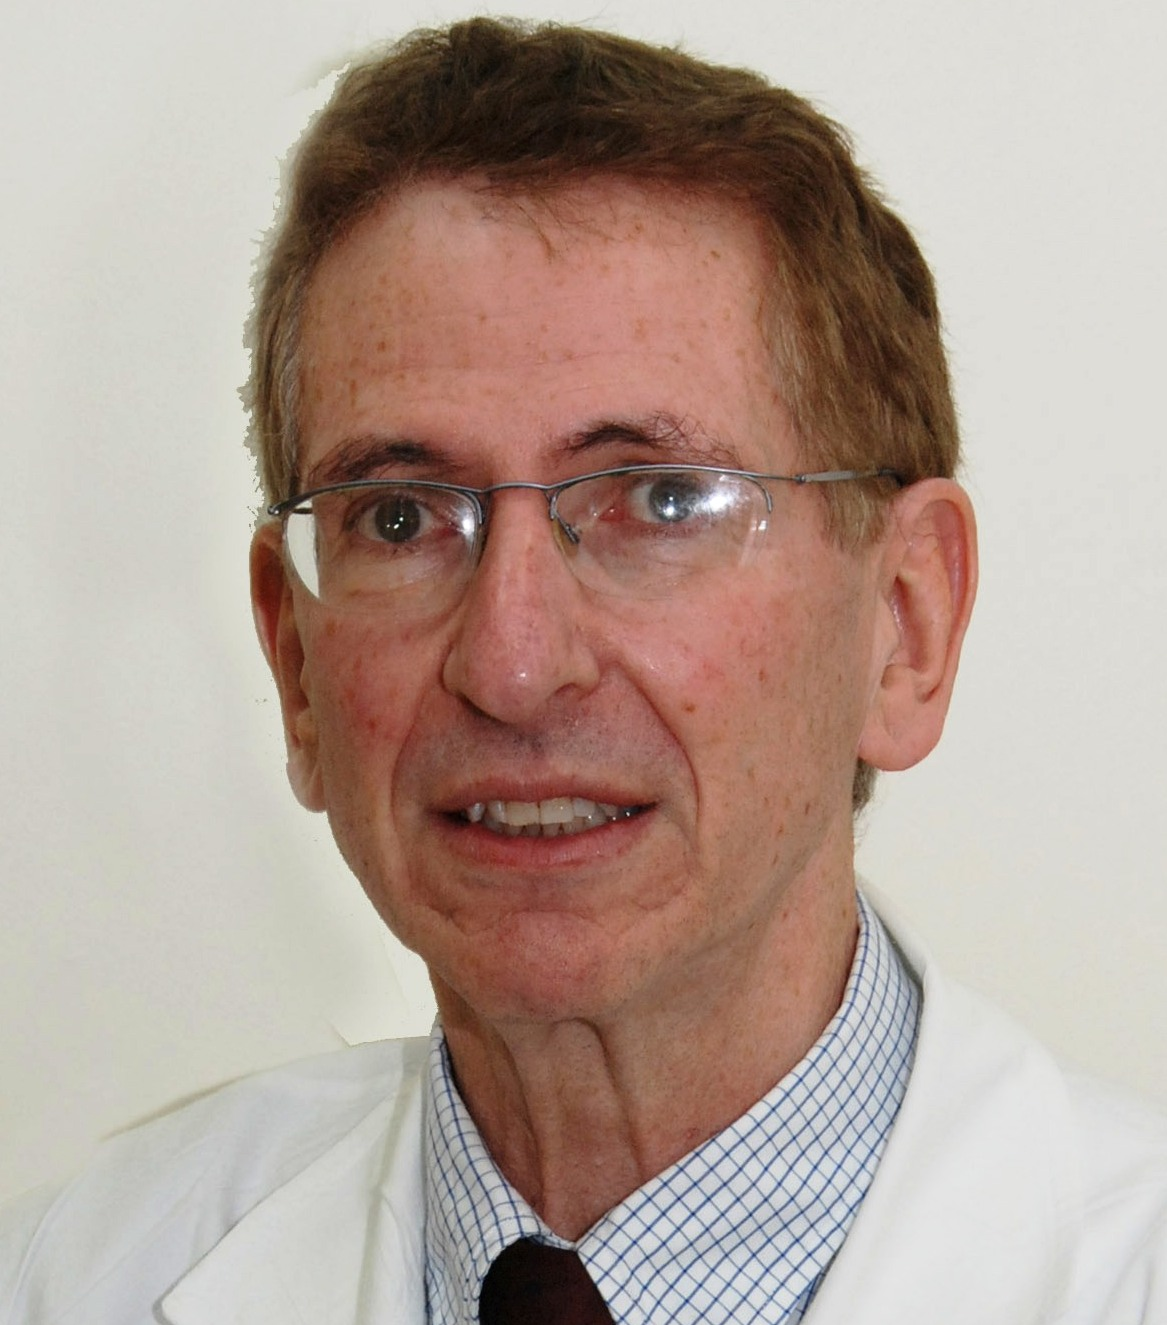 פרופסור בזיל לואיס - תמונת פרופיל